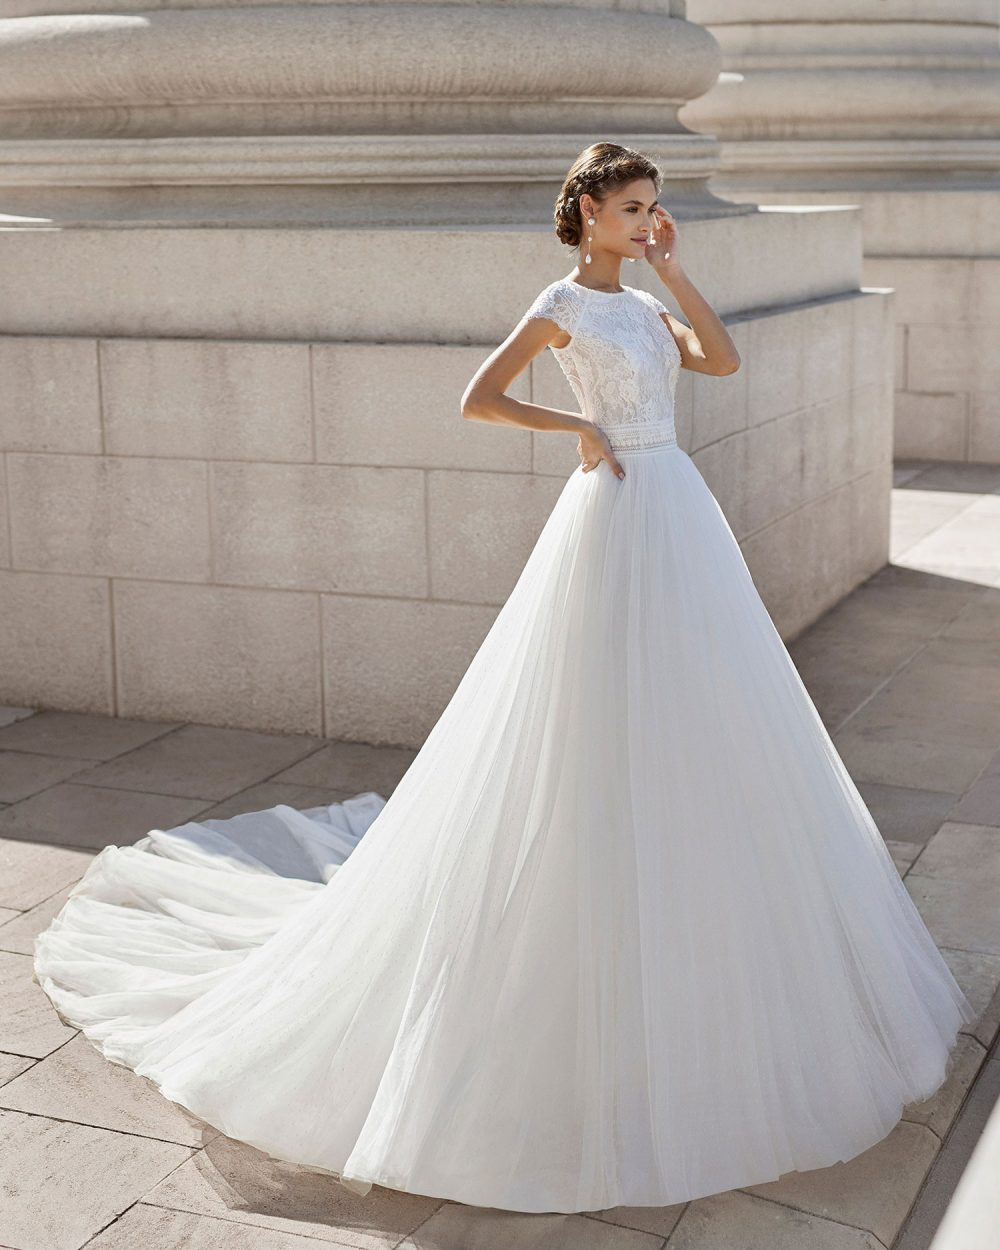 Rosa Clarà 2022 abito vestito sposa Vicenza NISH